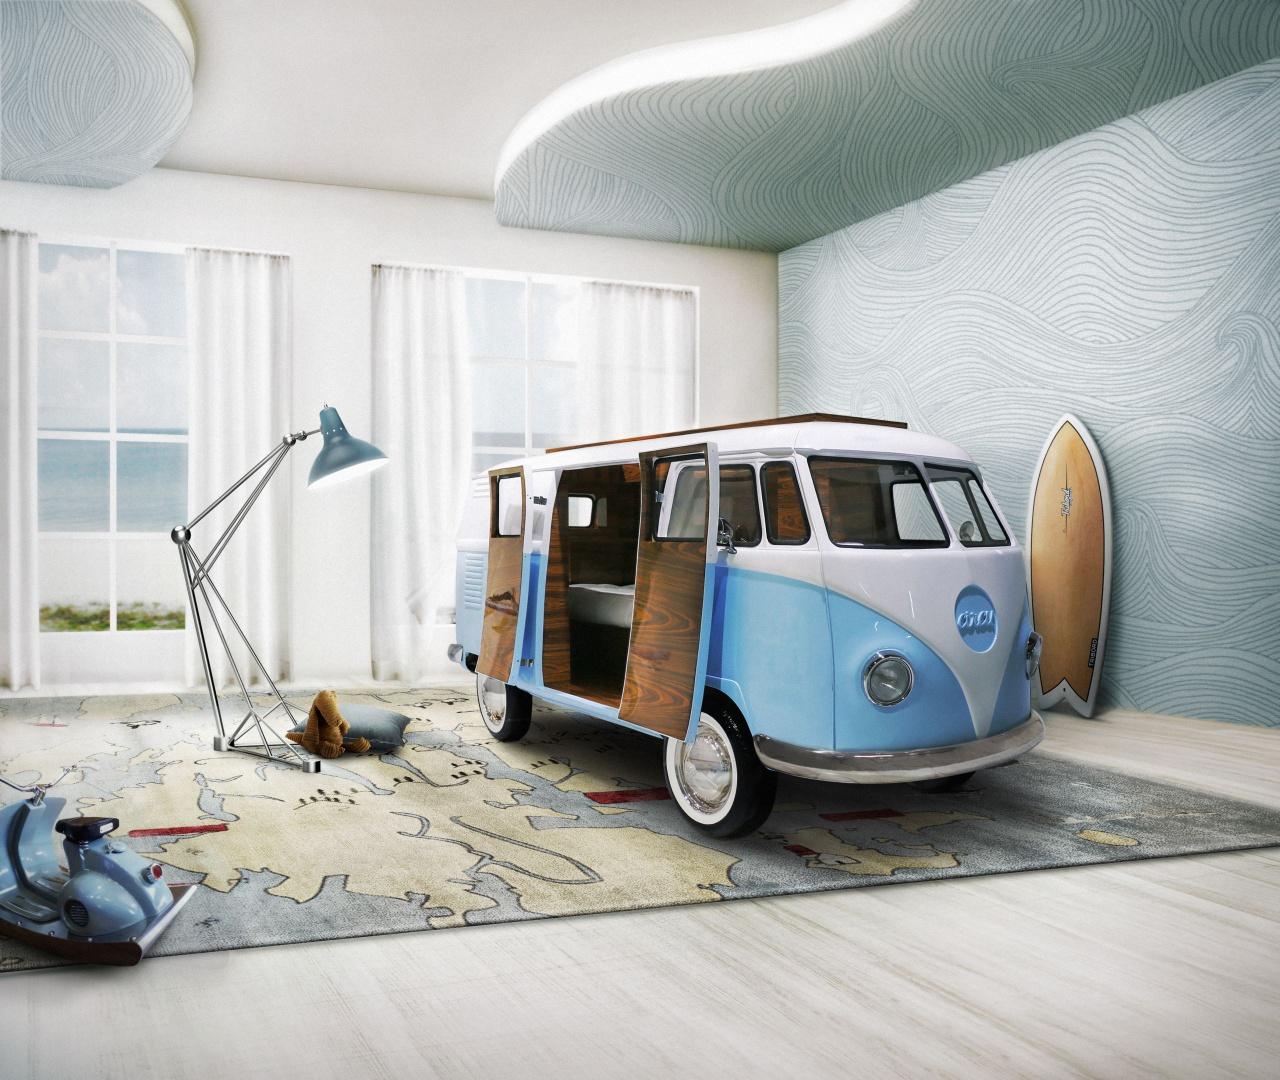 Łóżko jak samochód: Bun Van. Fot. Circu